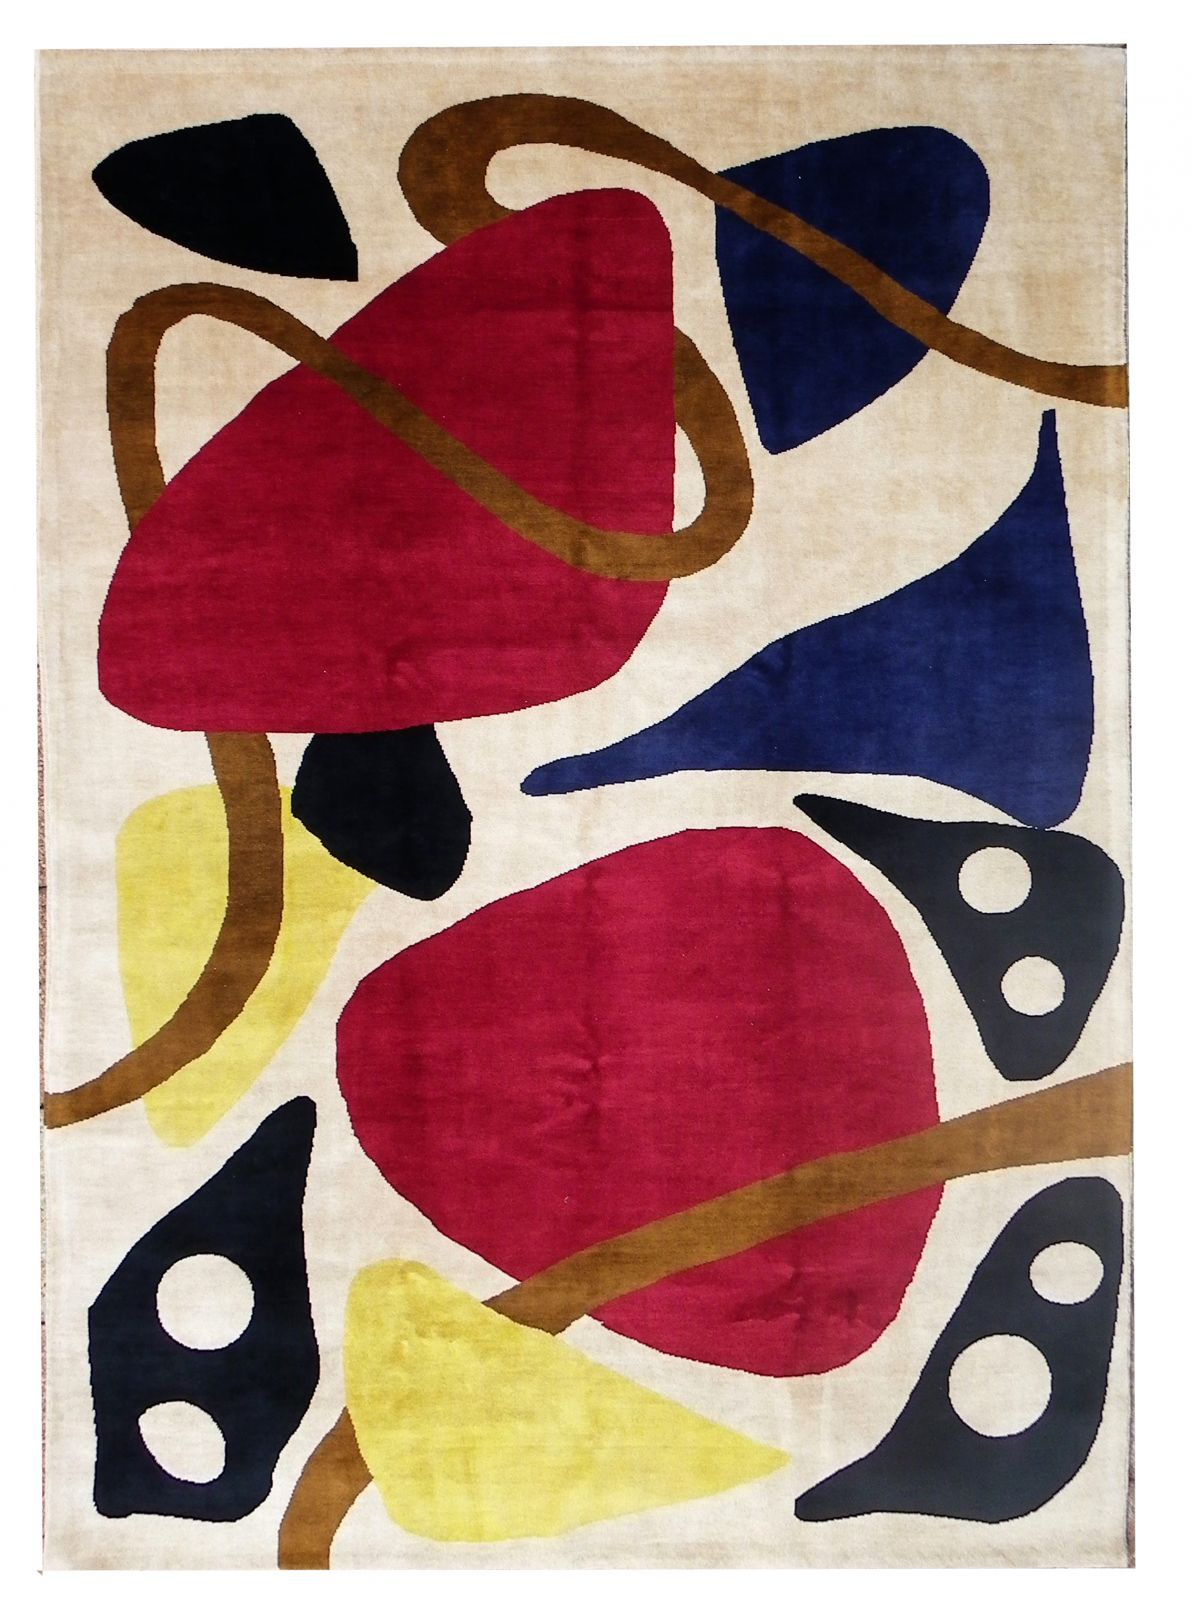 vente tapis moderne s inspirant des textiles africains 224 r 233 my de provence et arles vente